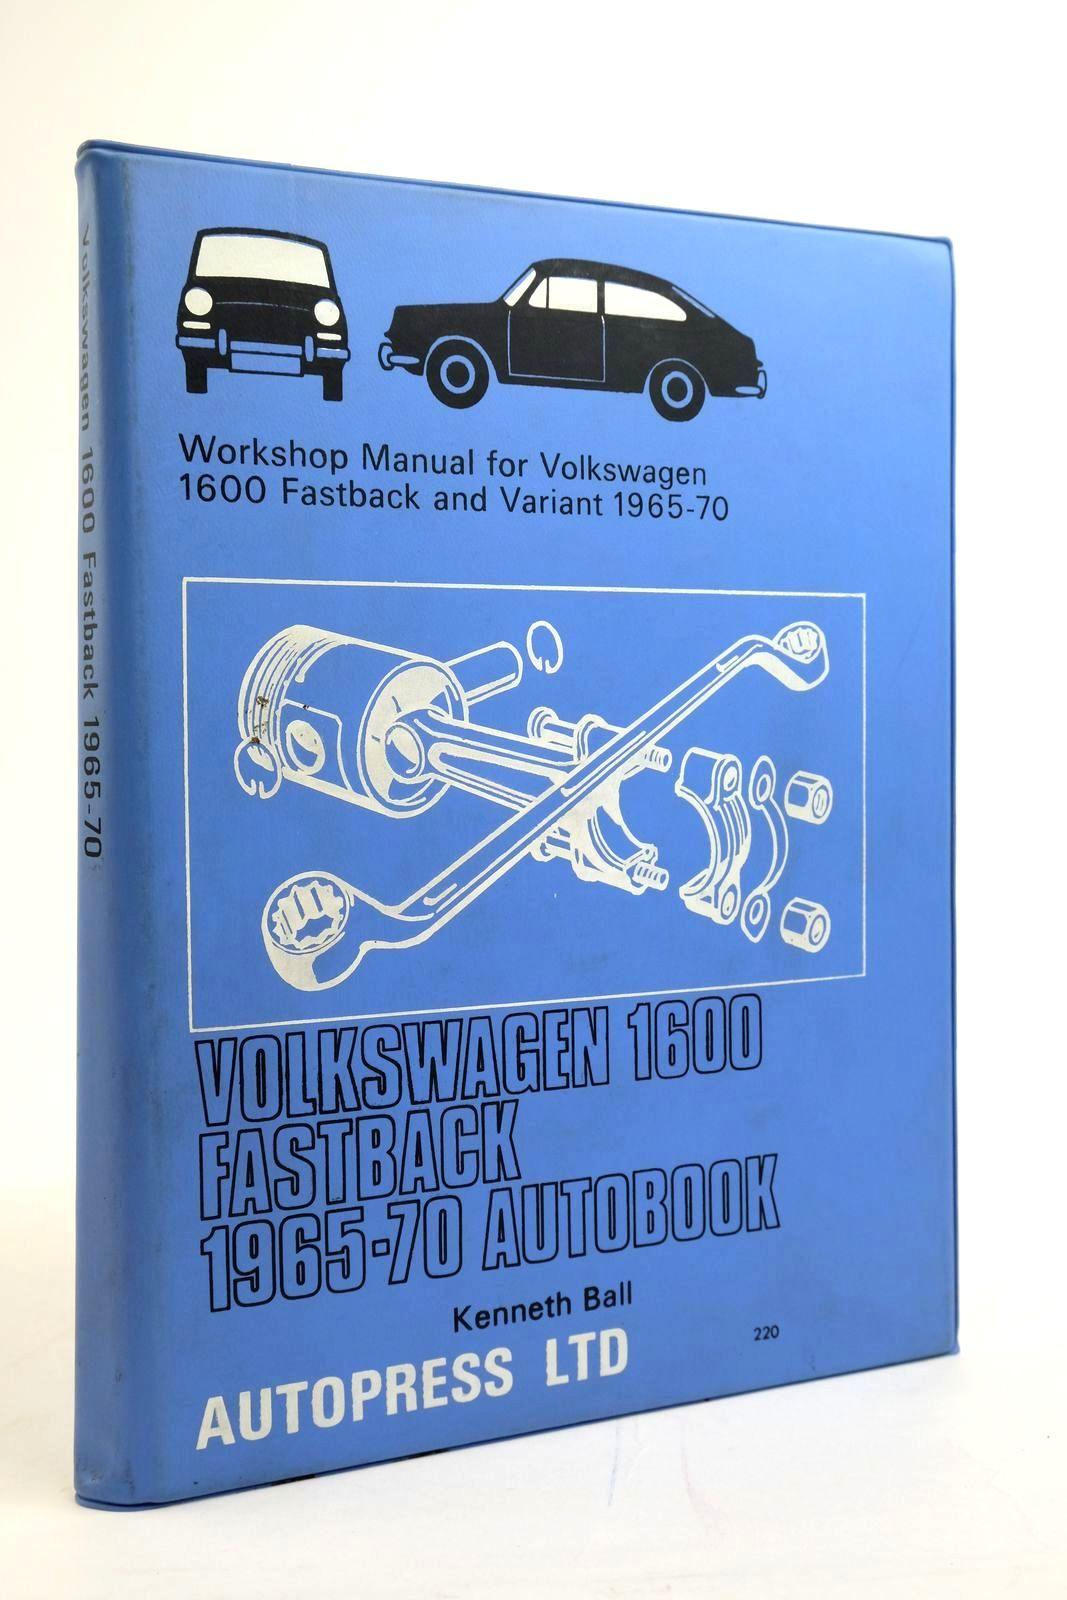 Photo of VOLKSWAGEN 1600 FASTBACK 1965-70 AUTOBOOK- Stock Number: 2135273